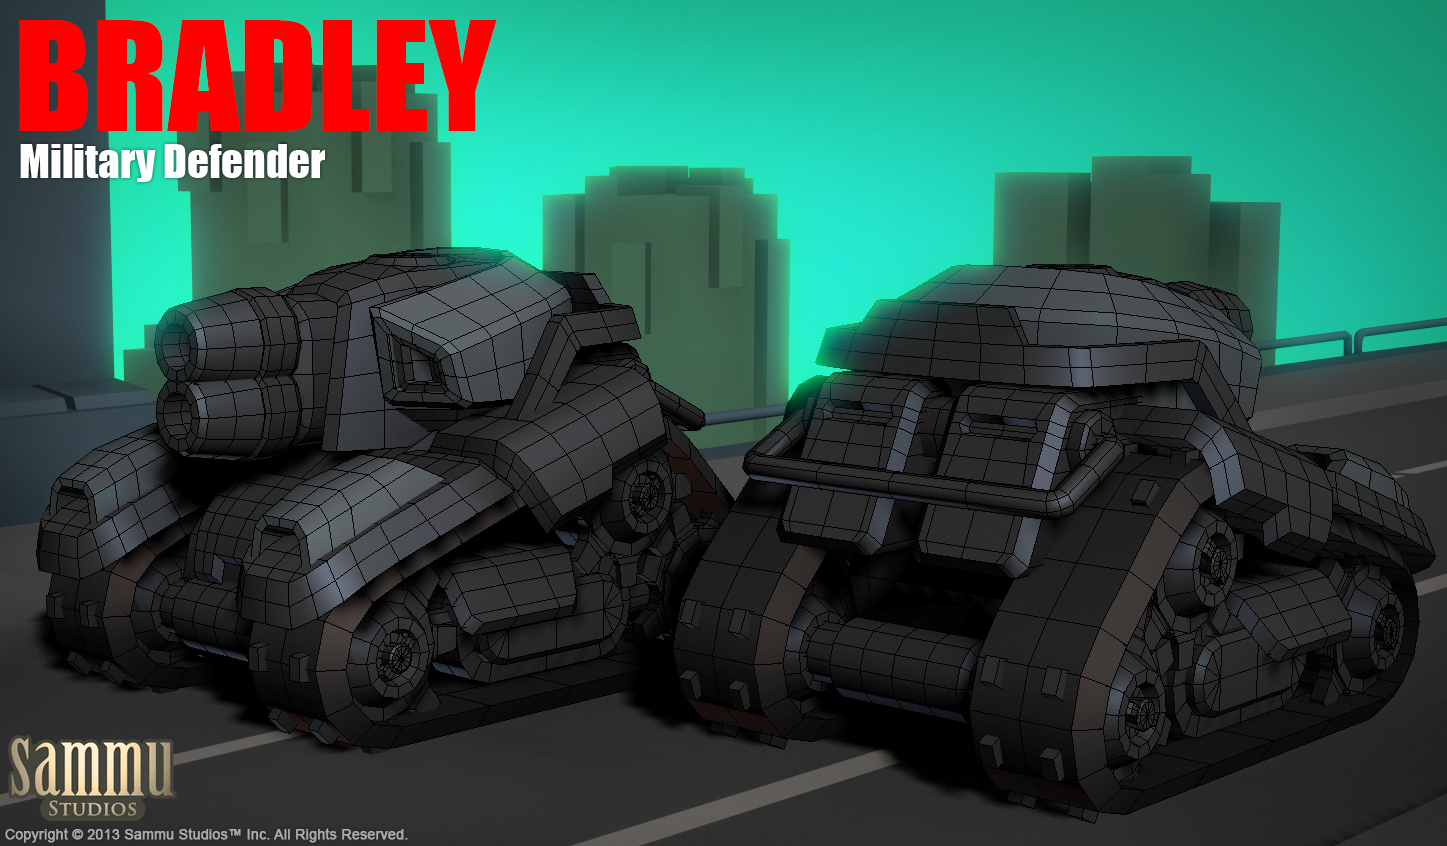 Bradley, Military Defender by cg-sammu